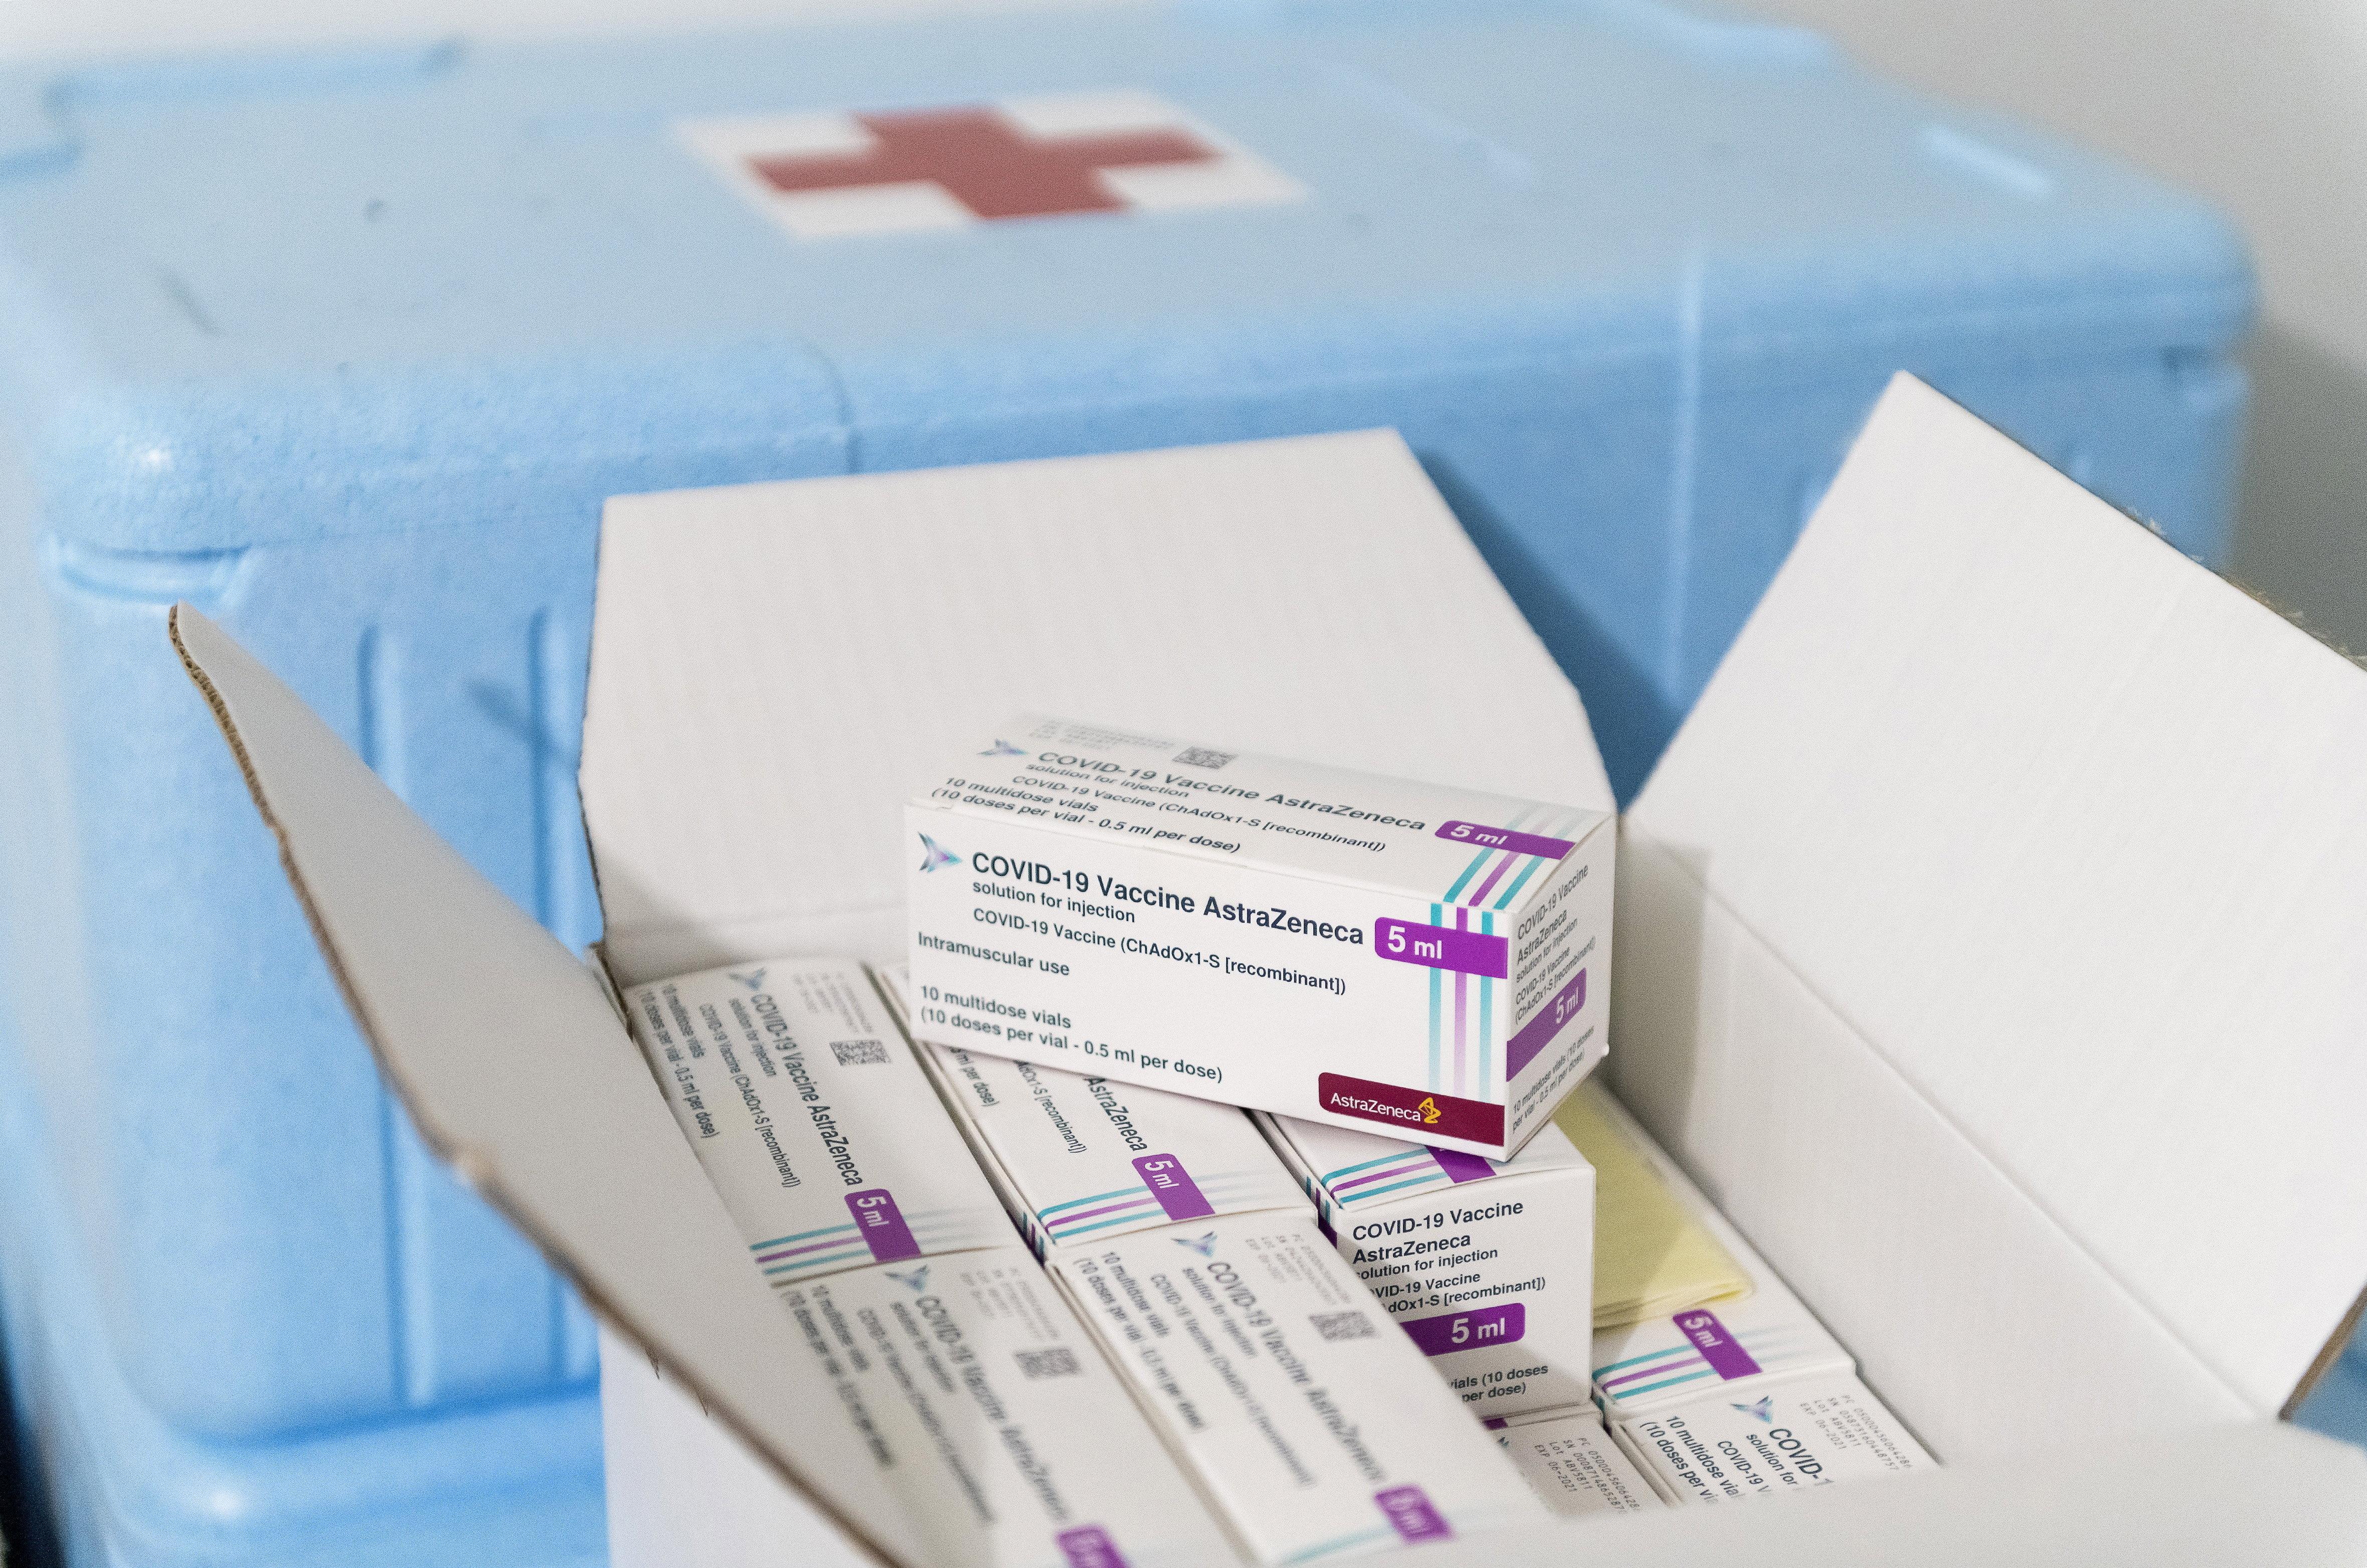 Az EMA cáfolja, hogy már találtak volna összefüggést az AstraZeneca-vakcina és a vérrögképződéses esetek között